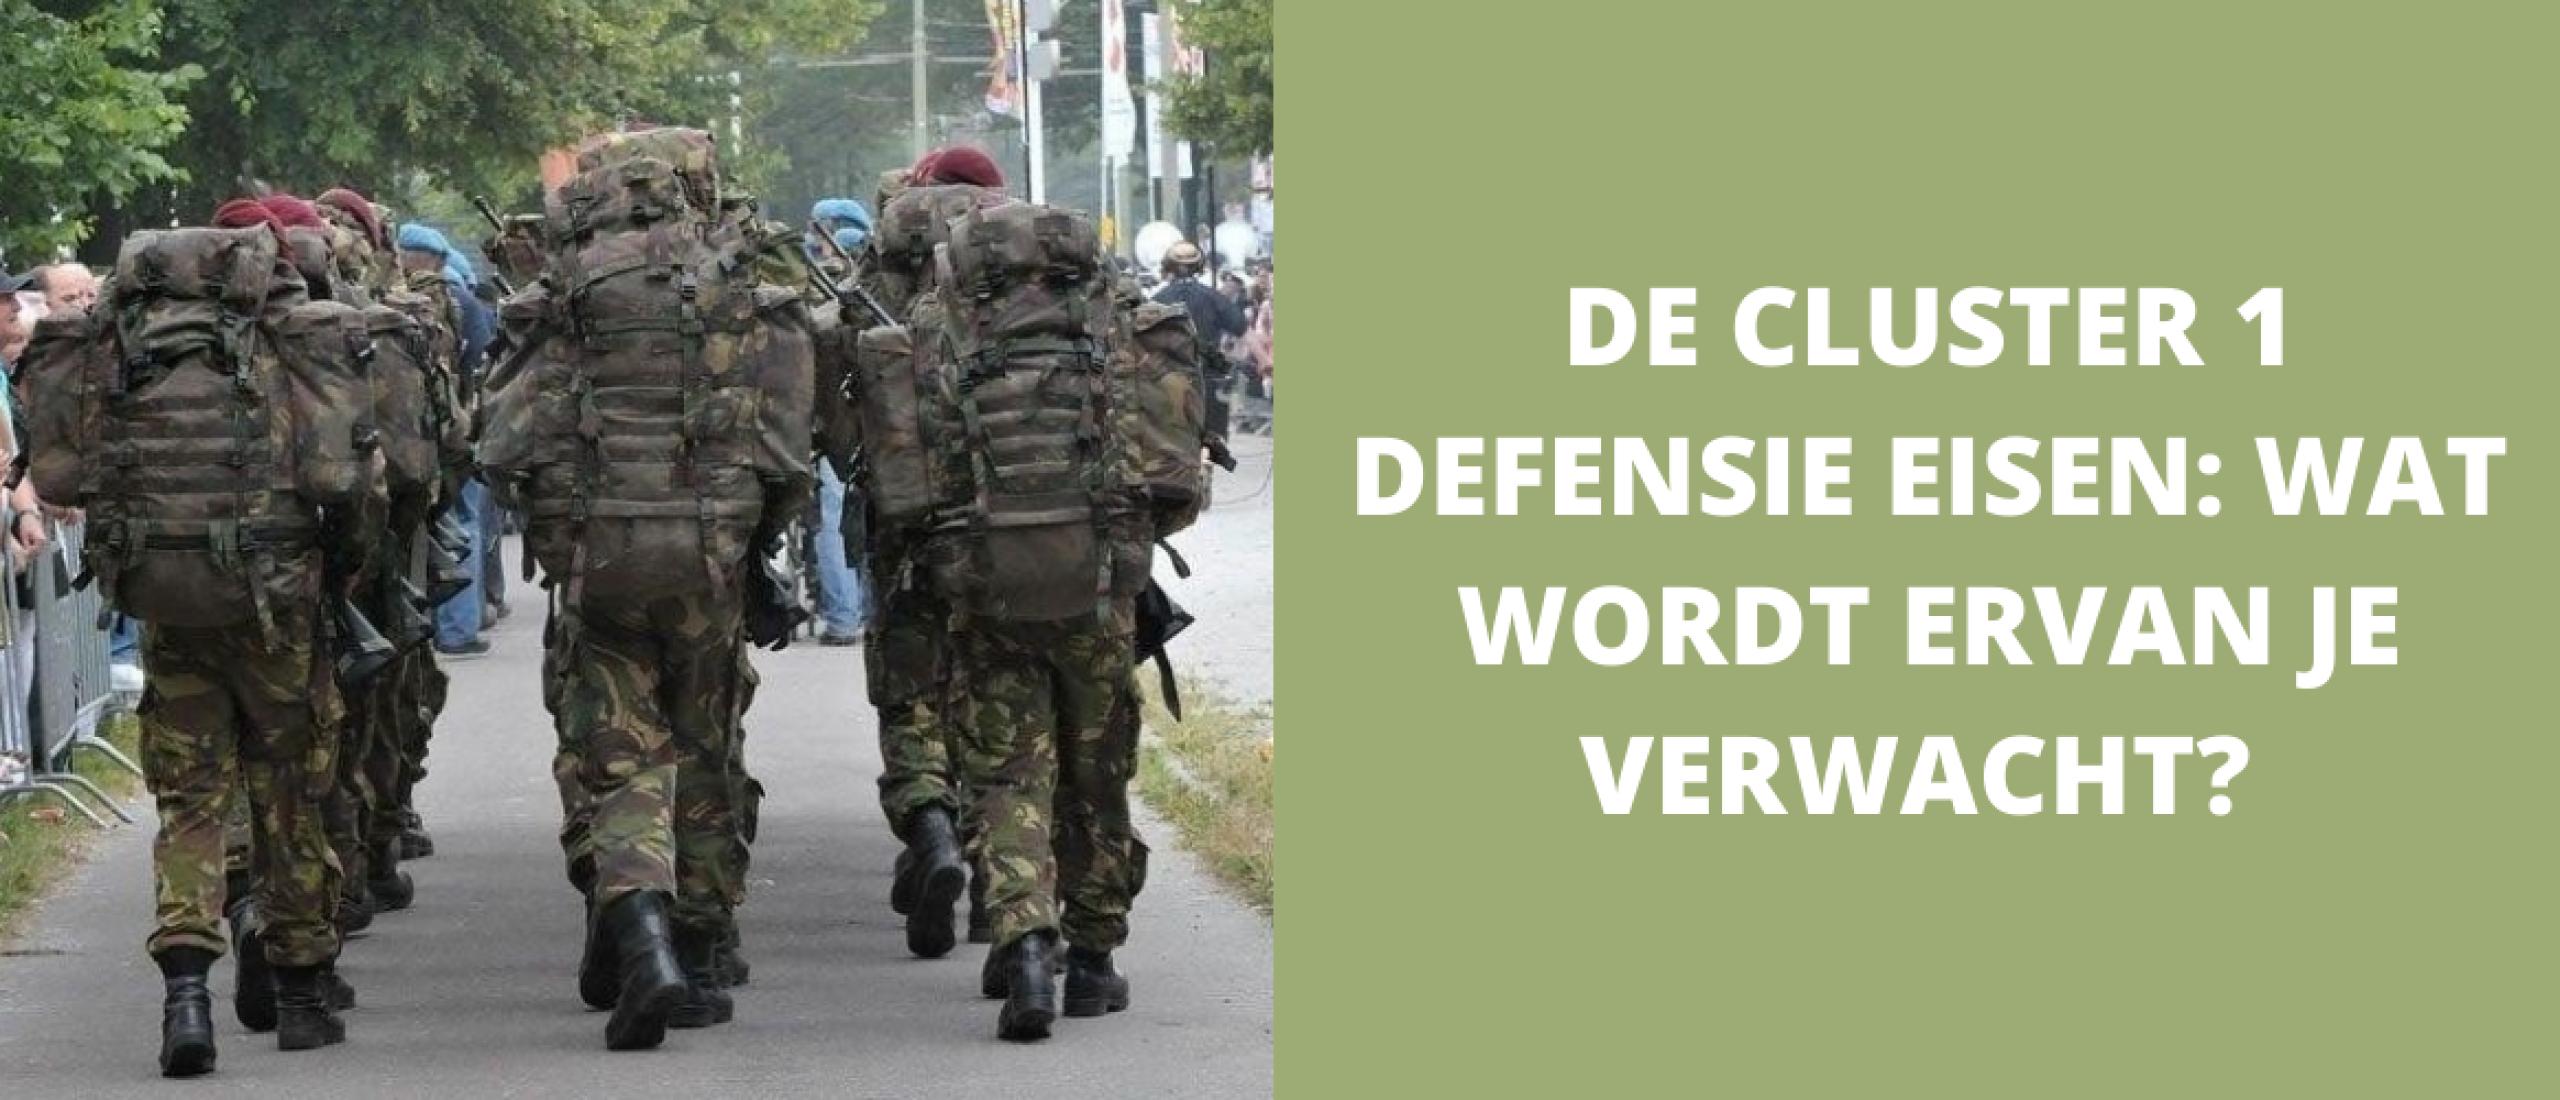 De cluster 1 Defensie eisen: wat wordt er van je verwacht?